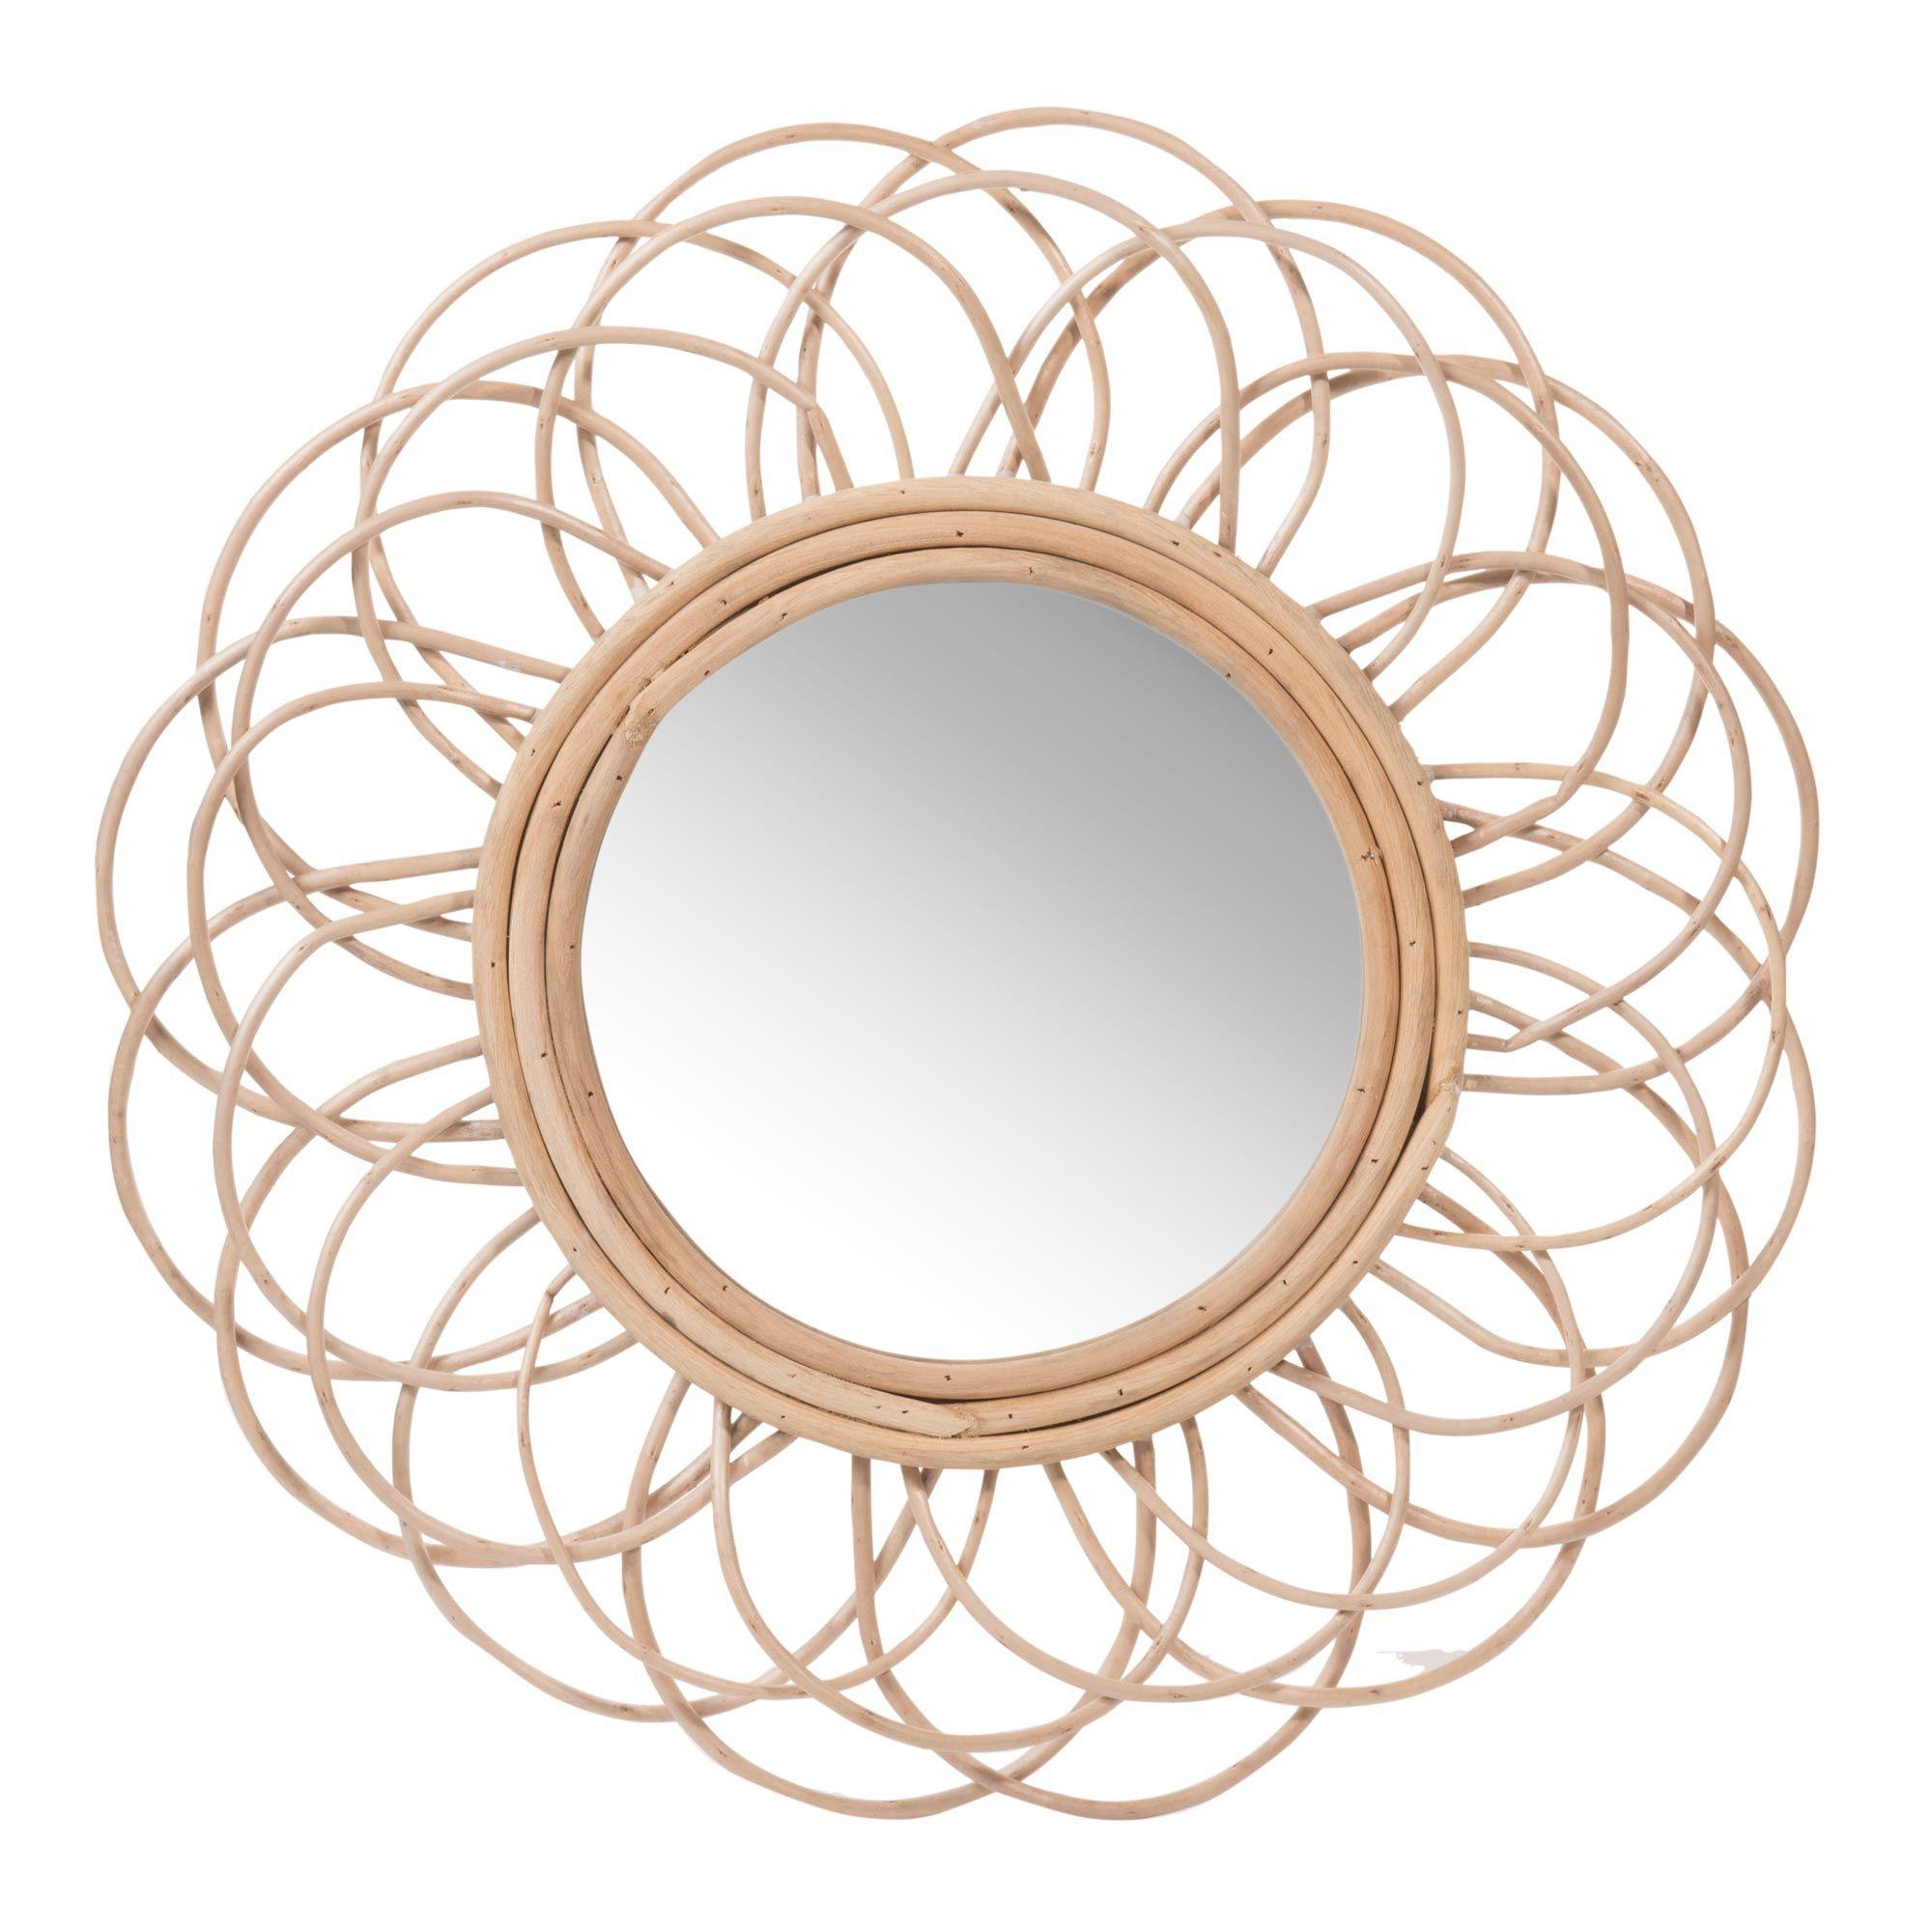 Miroir rond en rotin d 50 cm vintage maisons du monde for Miroir rond osier